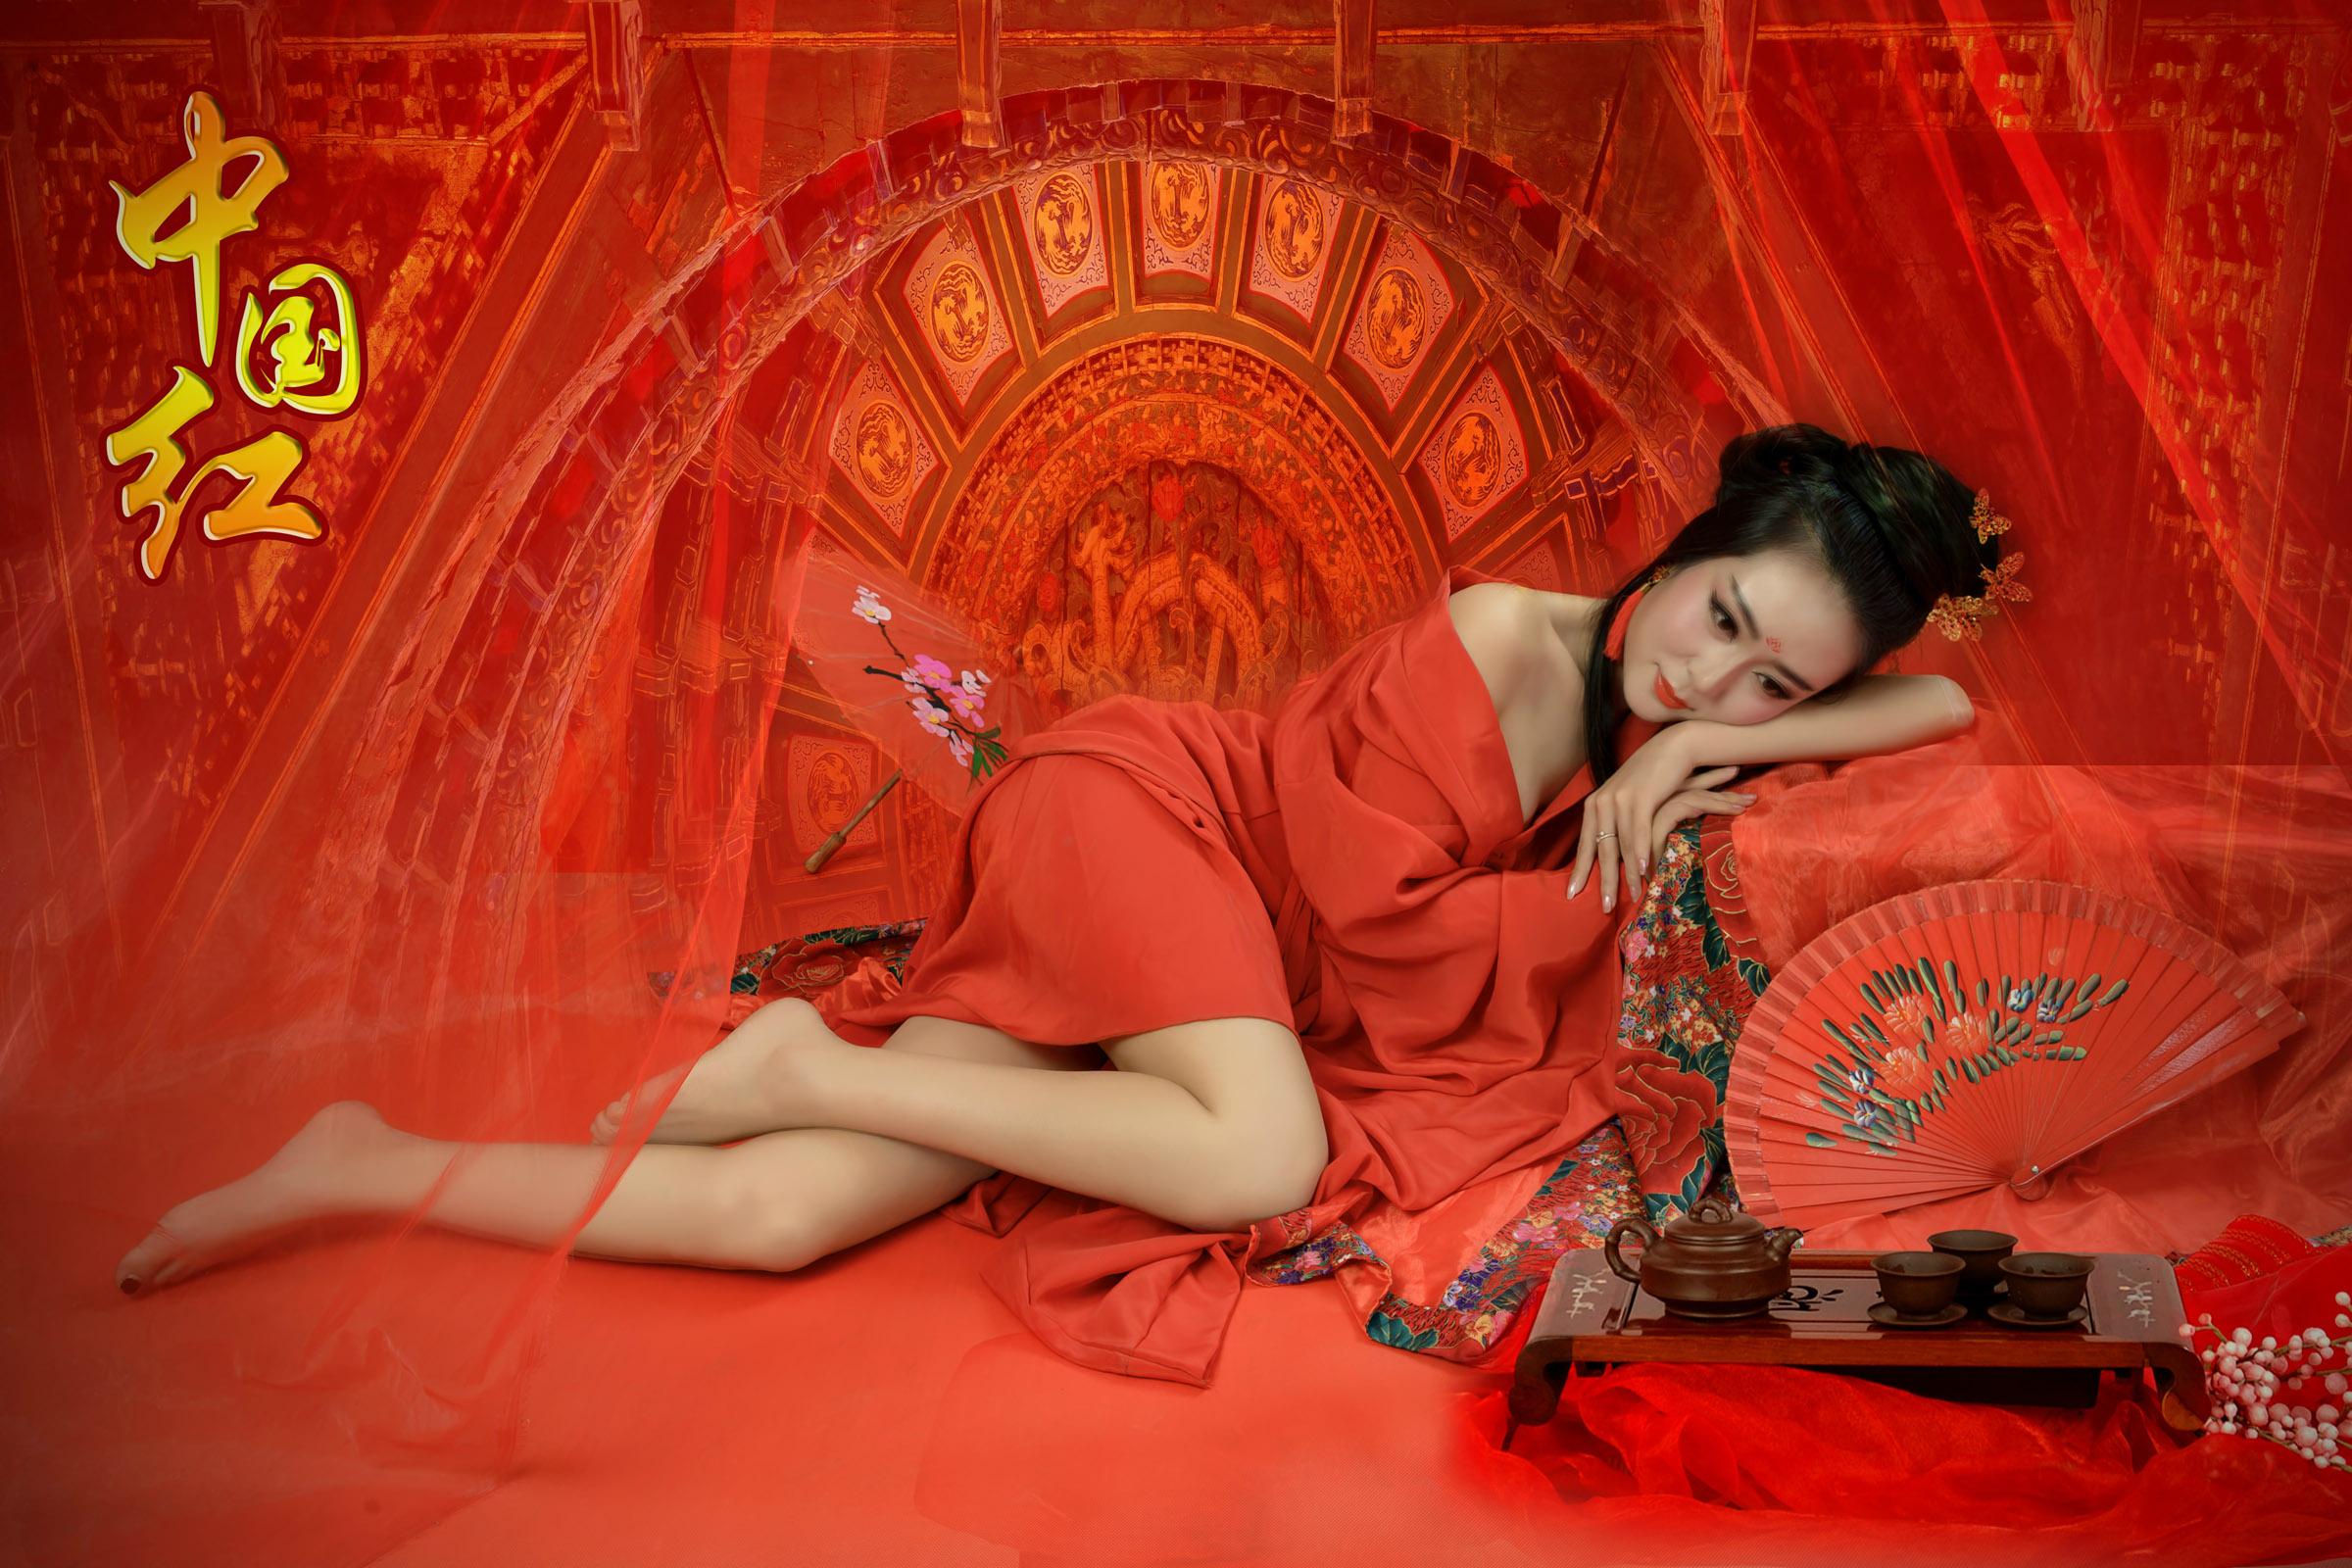 【摄影欣赏】乌 镇  - 花仙子 - heisemeigui的的博客